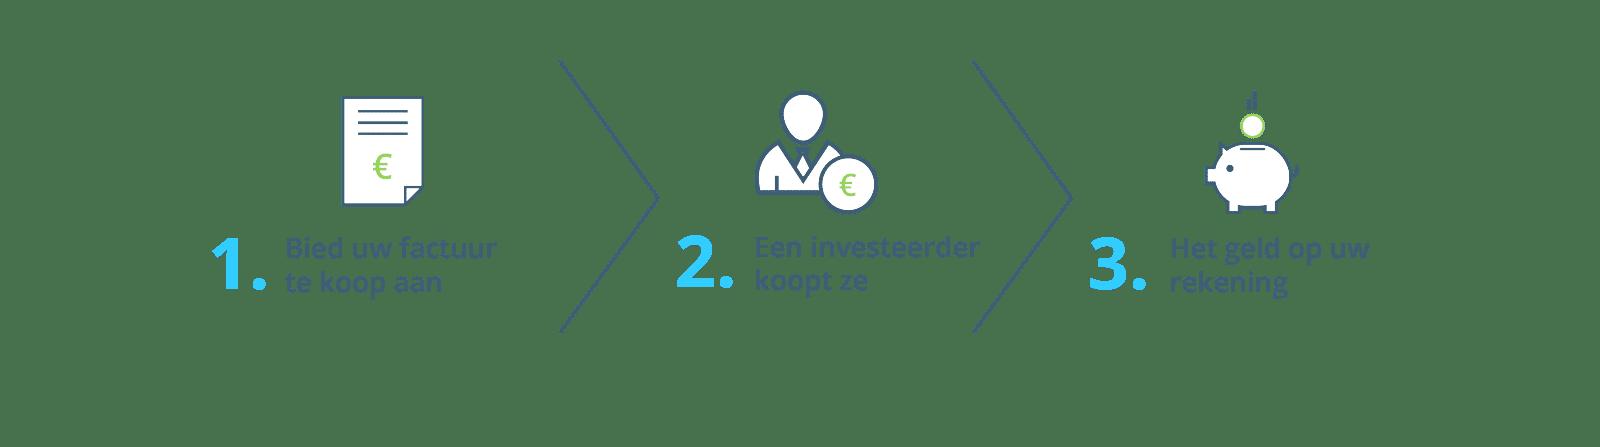 Edebex - hoe het werkt - schema